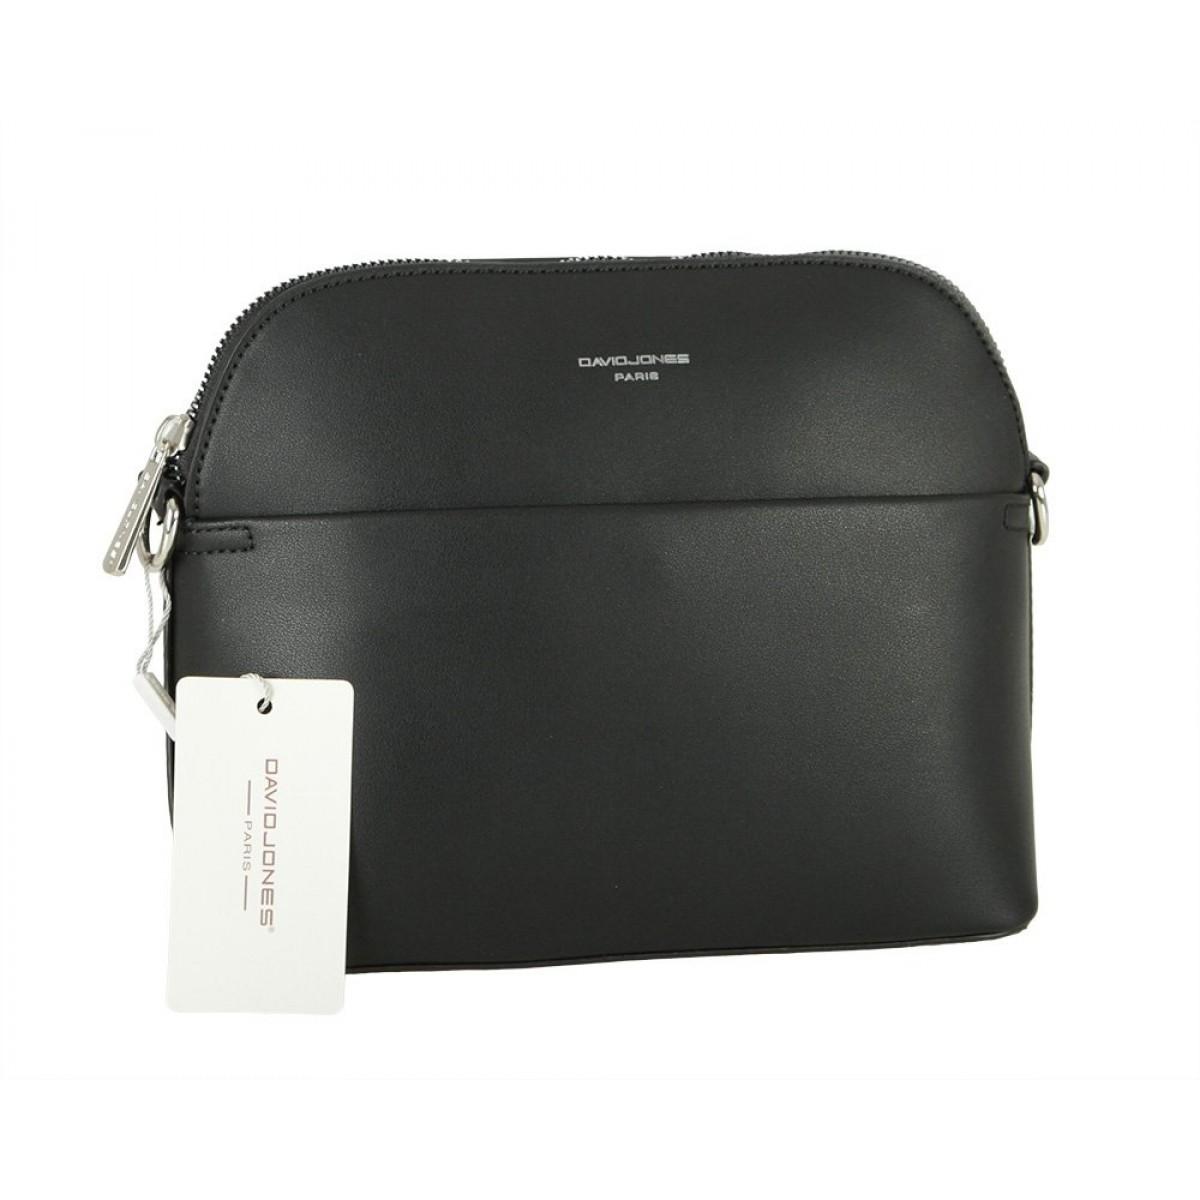 Жіноча сумка David Jones CM5881 BLACK